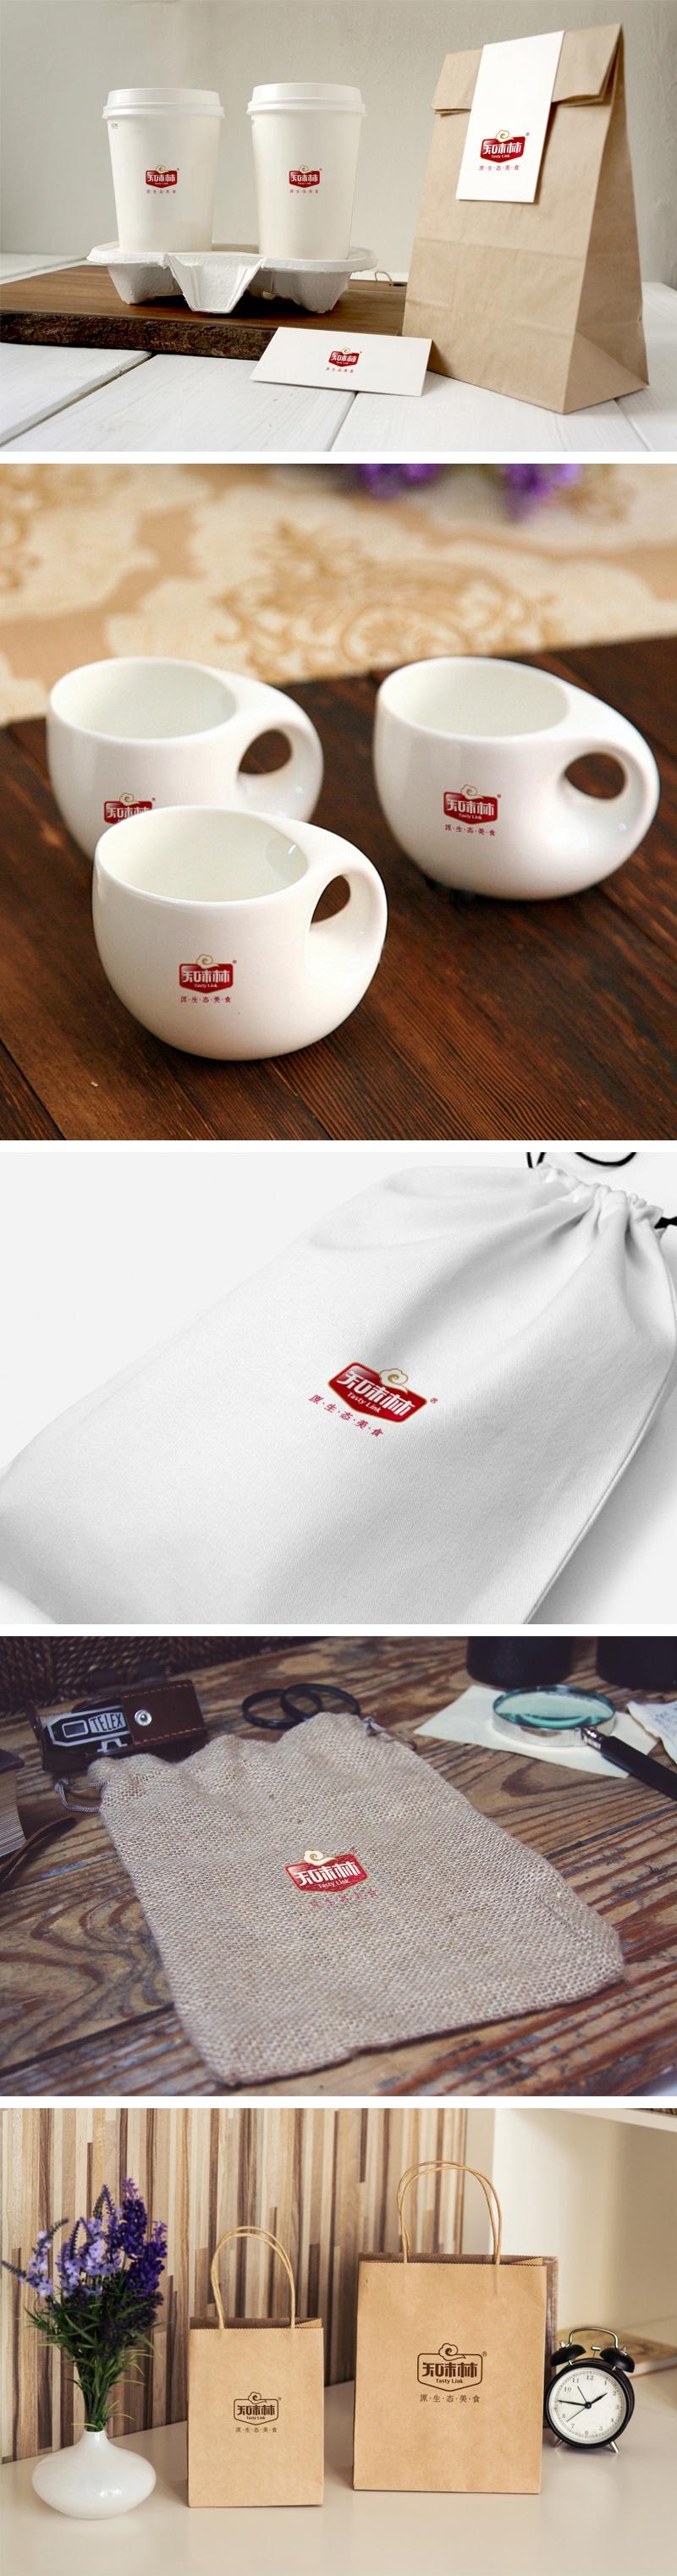 上海沐舍实业有限公司,知味林包装设计